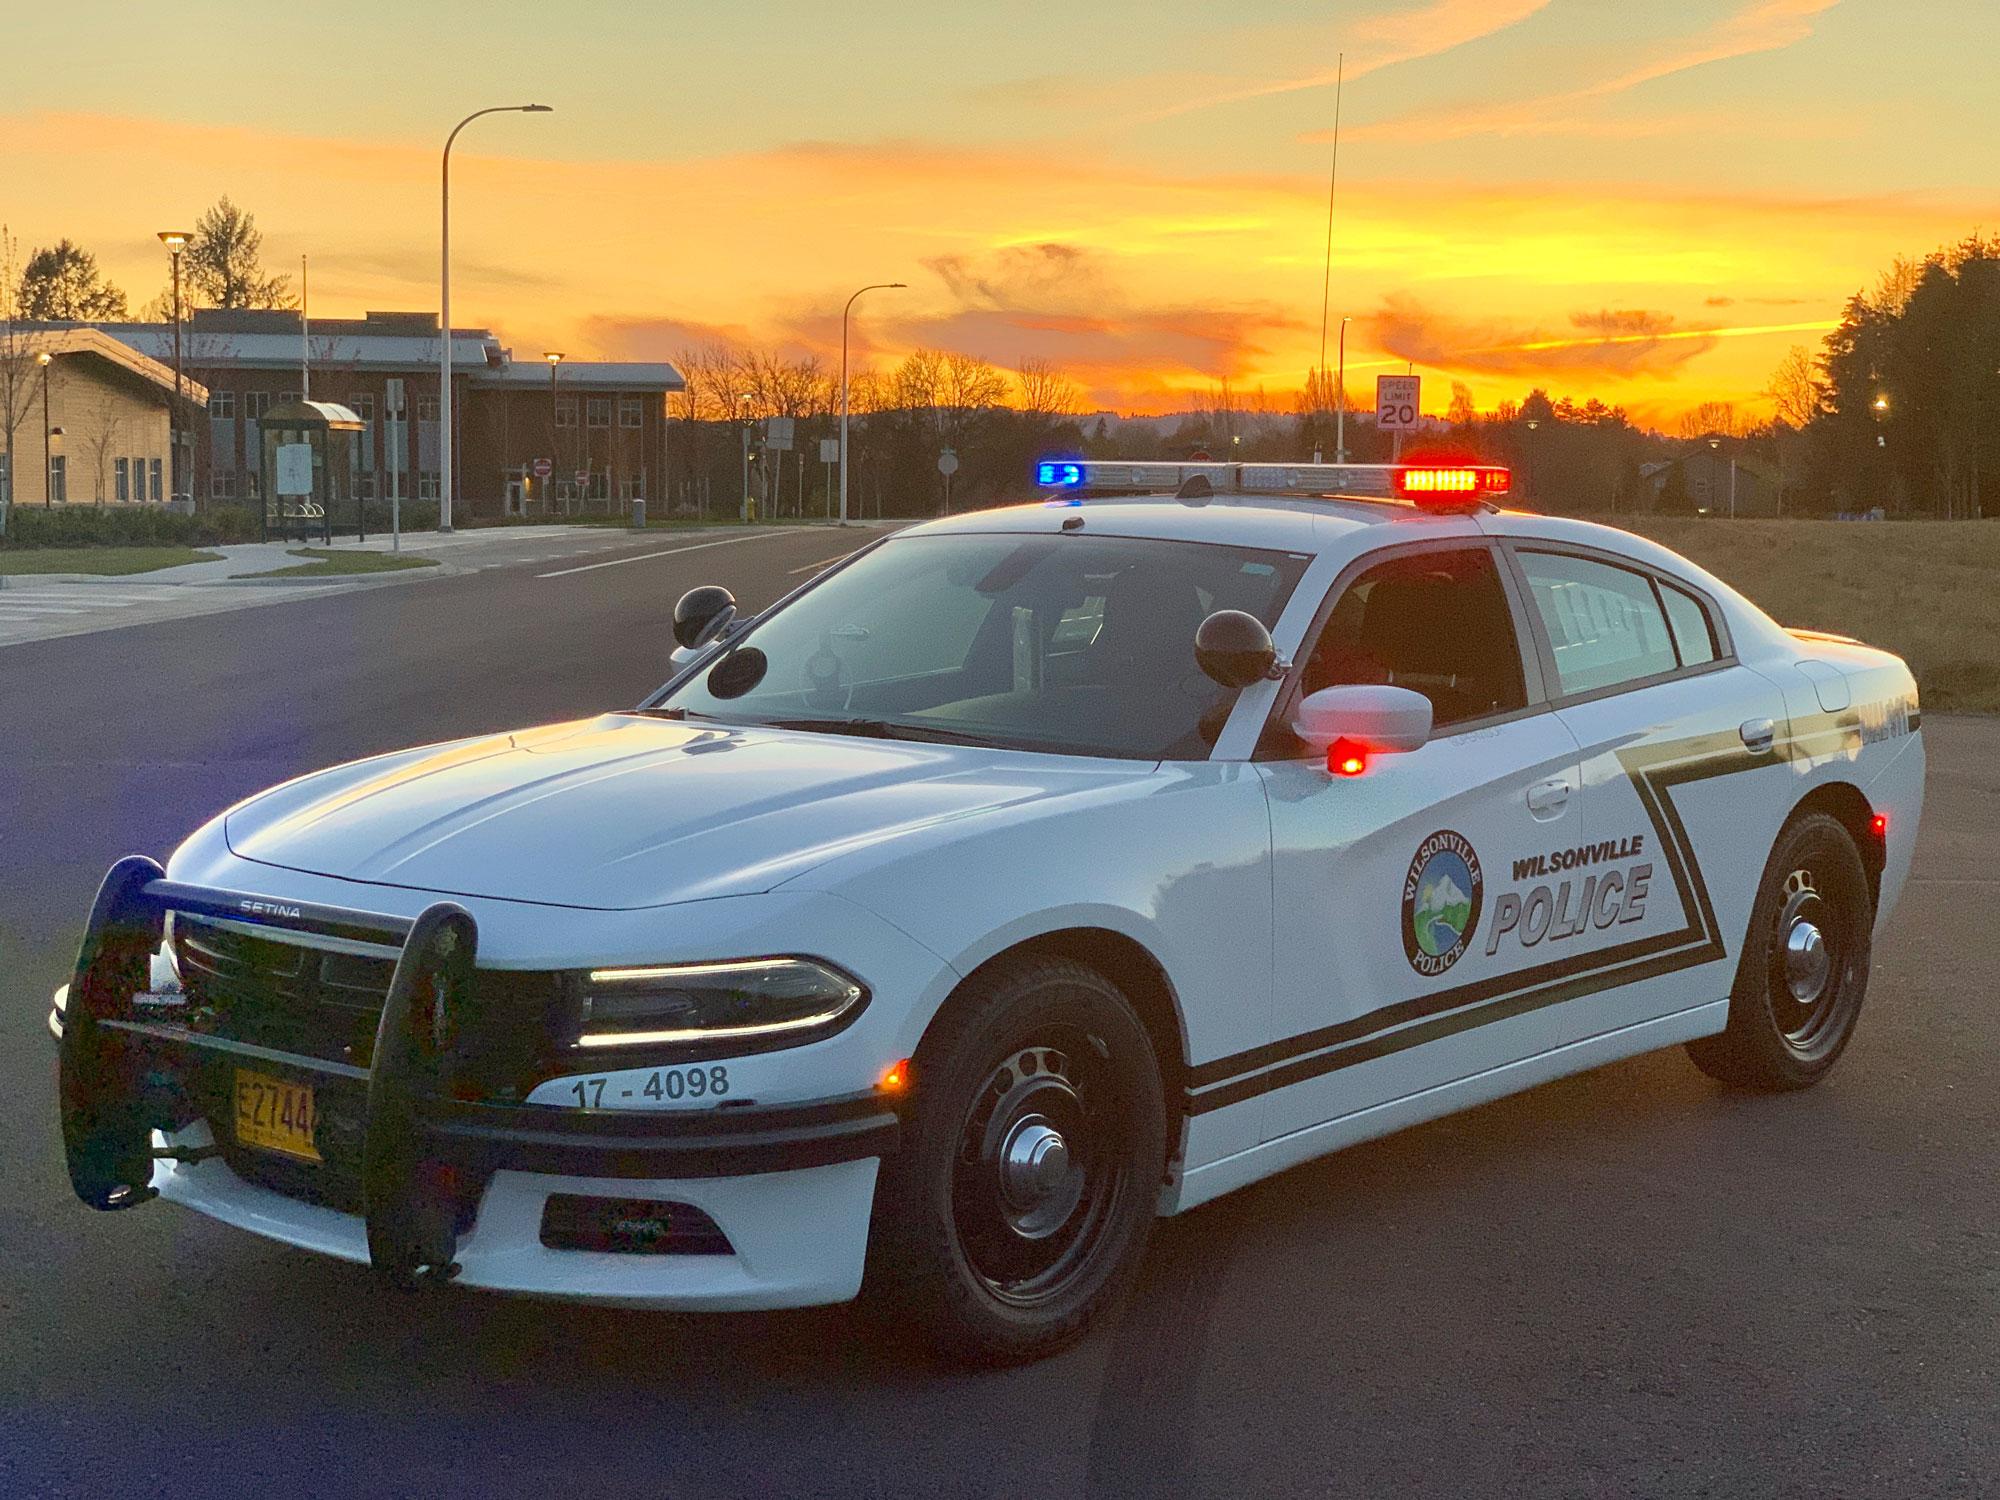 Wilsonville Police Department Patrol vehicle